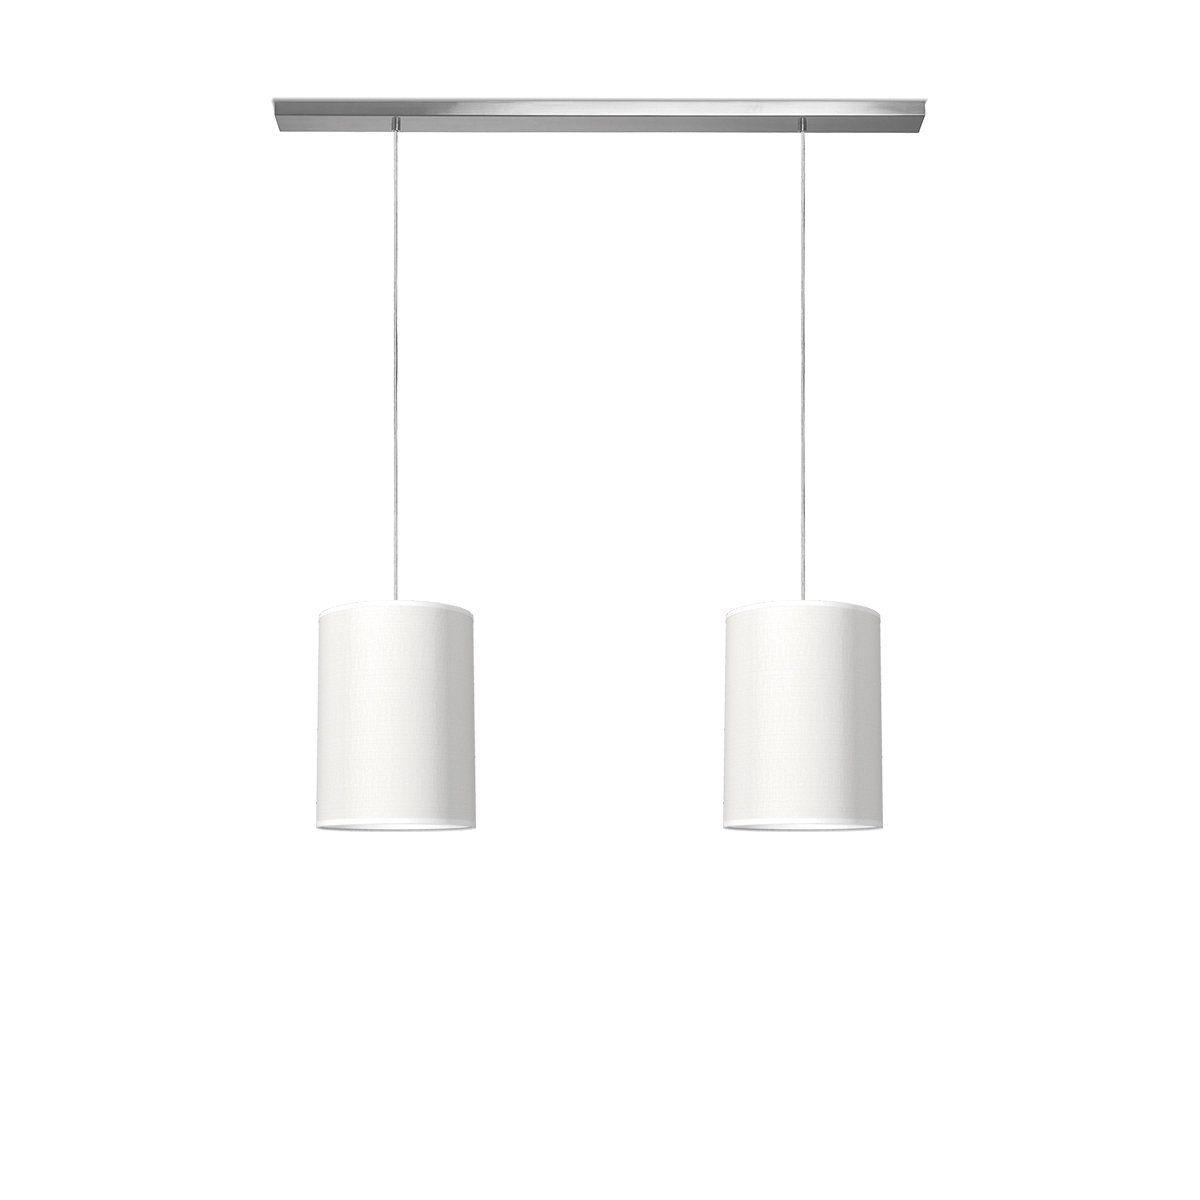 hanglamp beam 2 tube Ø 25 cm - wit